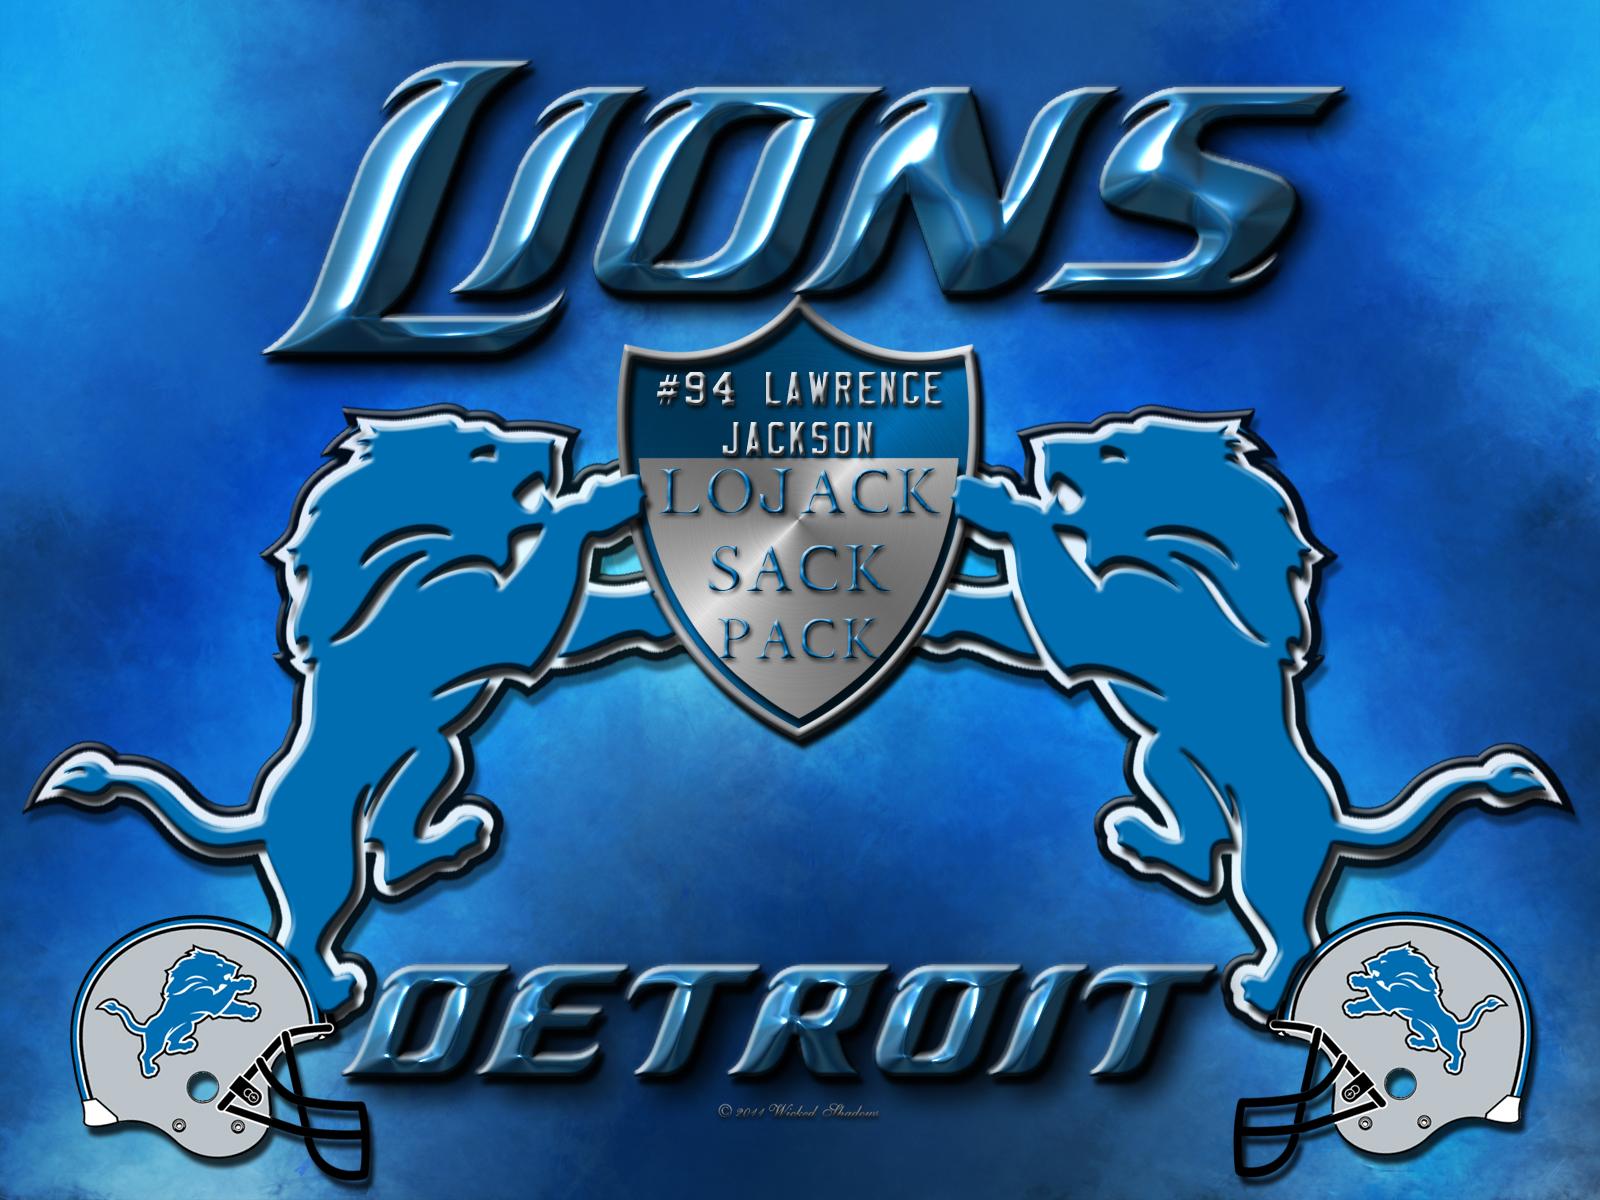 DETROIT LIONS nfl football te wallpaper | 1600x1200 | 155128 | WallpaperUP